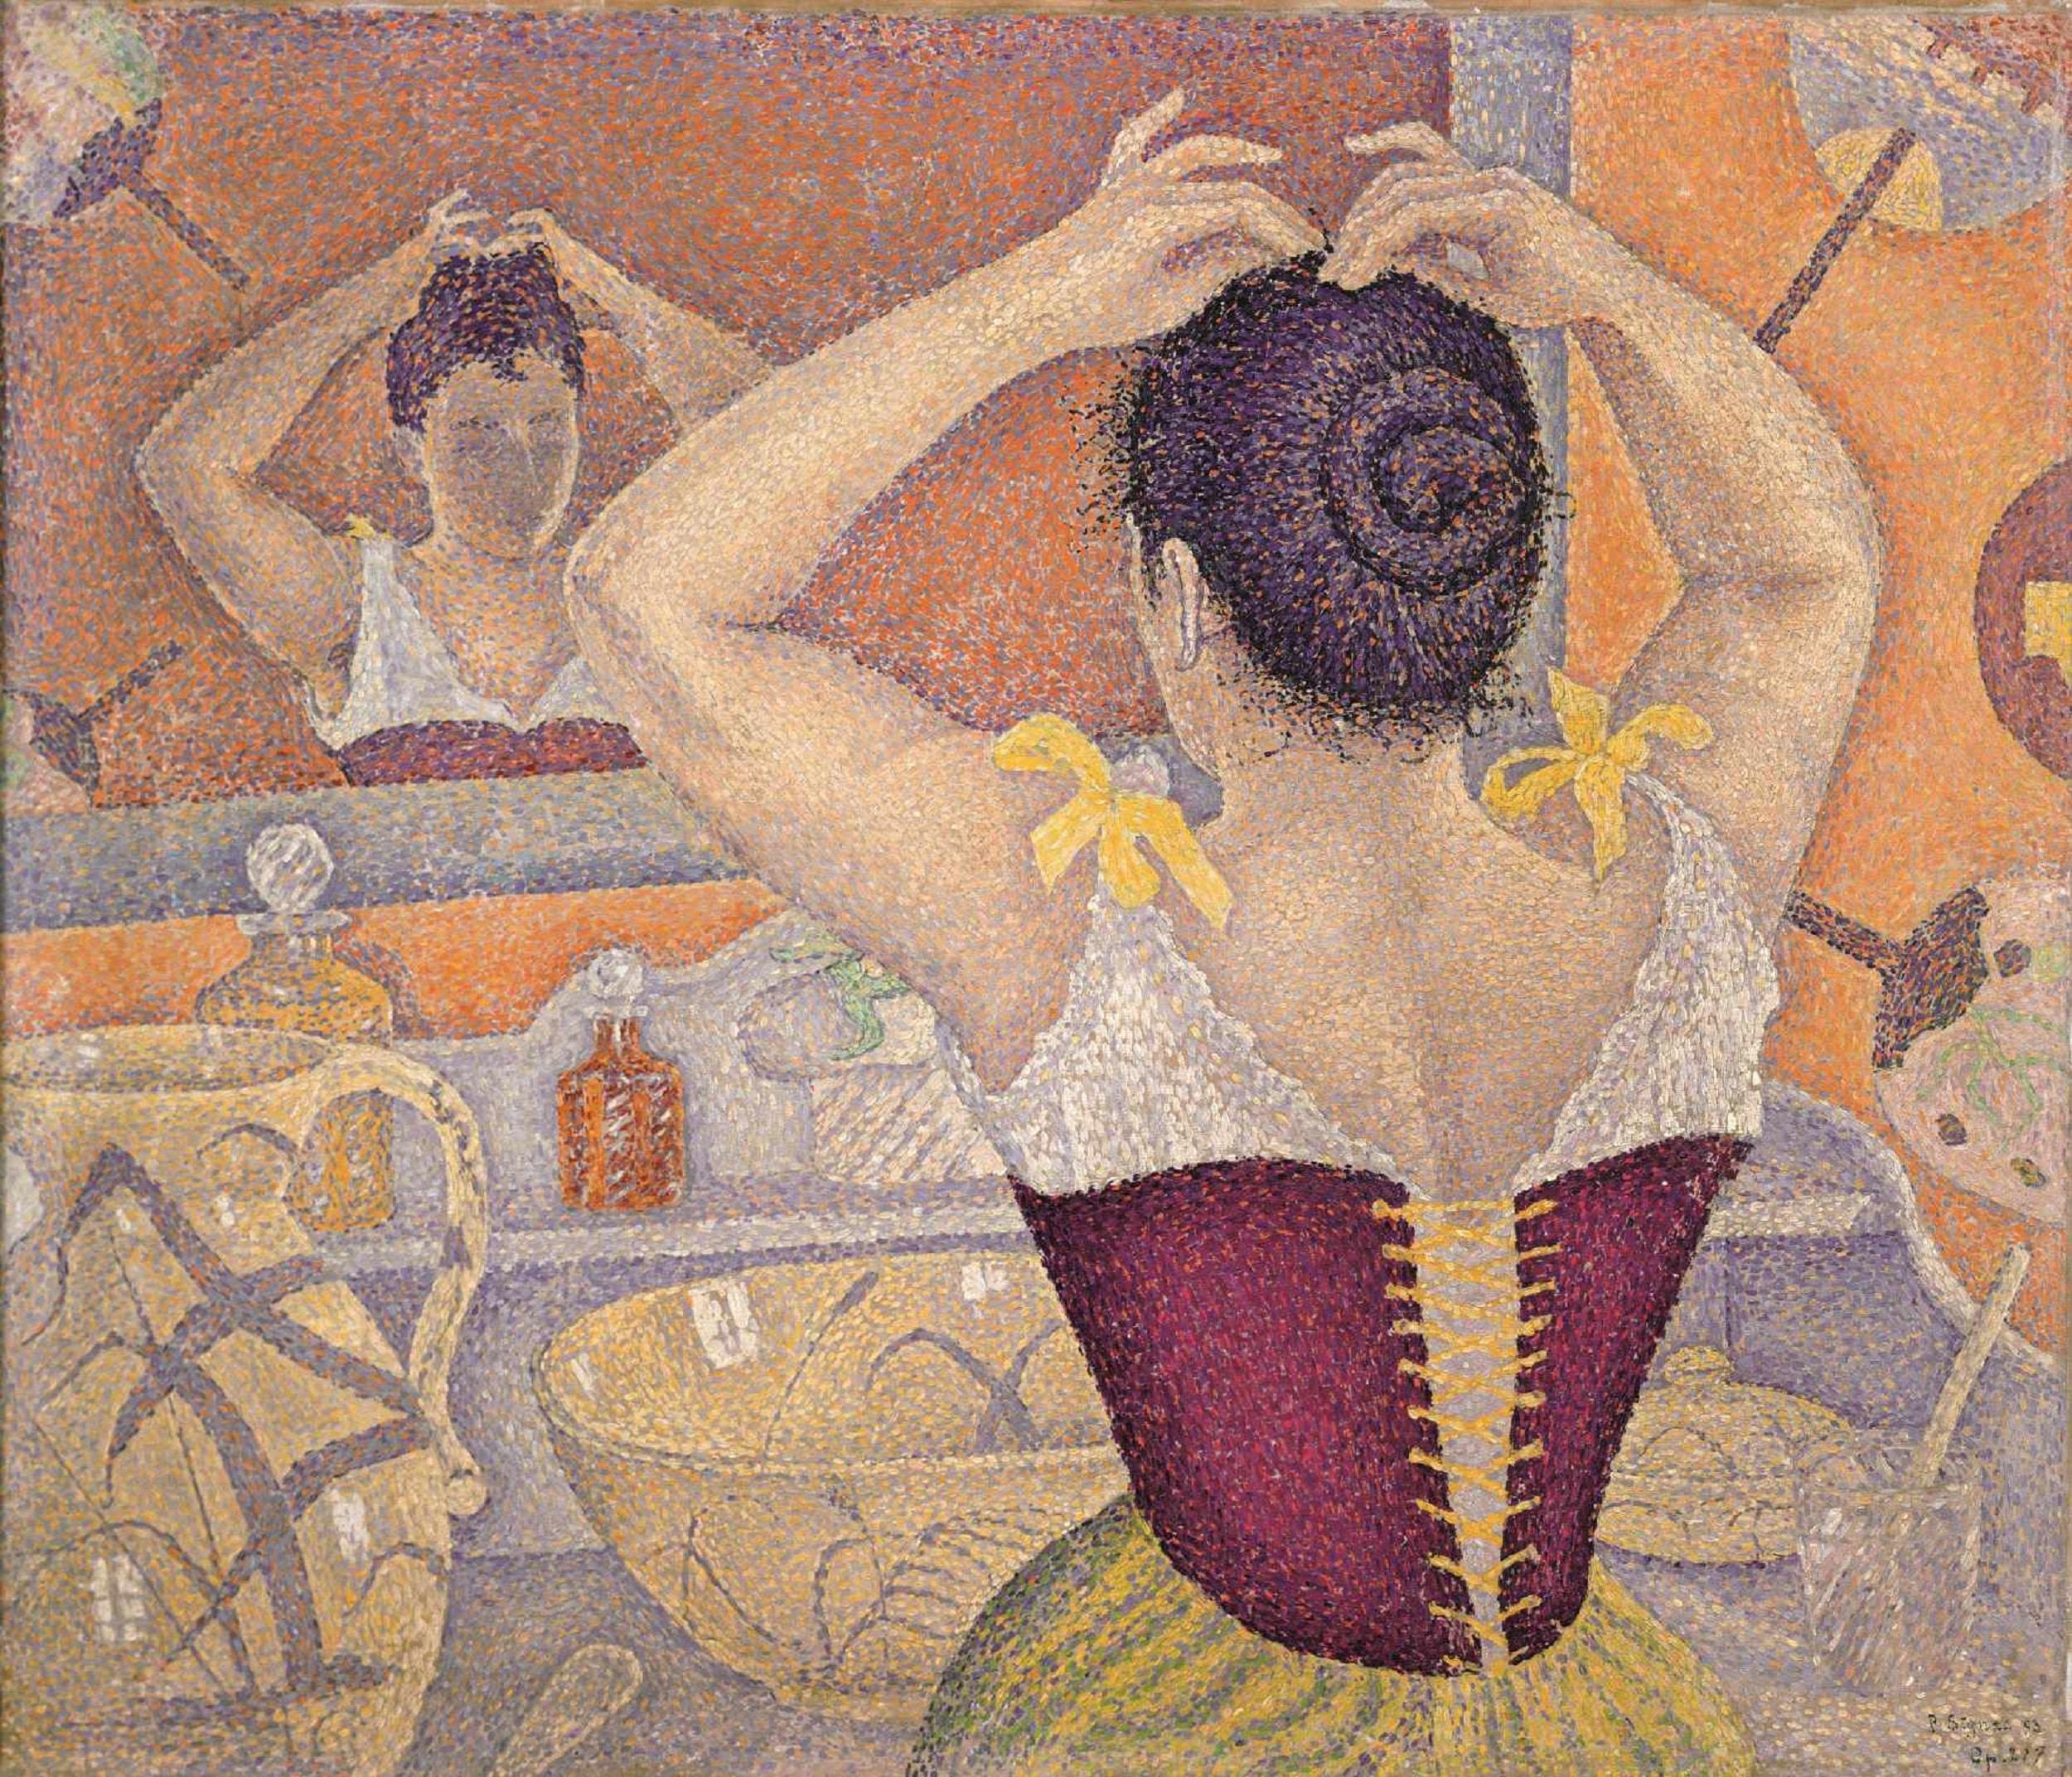 Paul Signac, Femme se coiffant. Opus 227 (arabesques pour une salle de toilette)